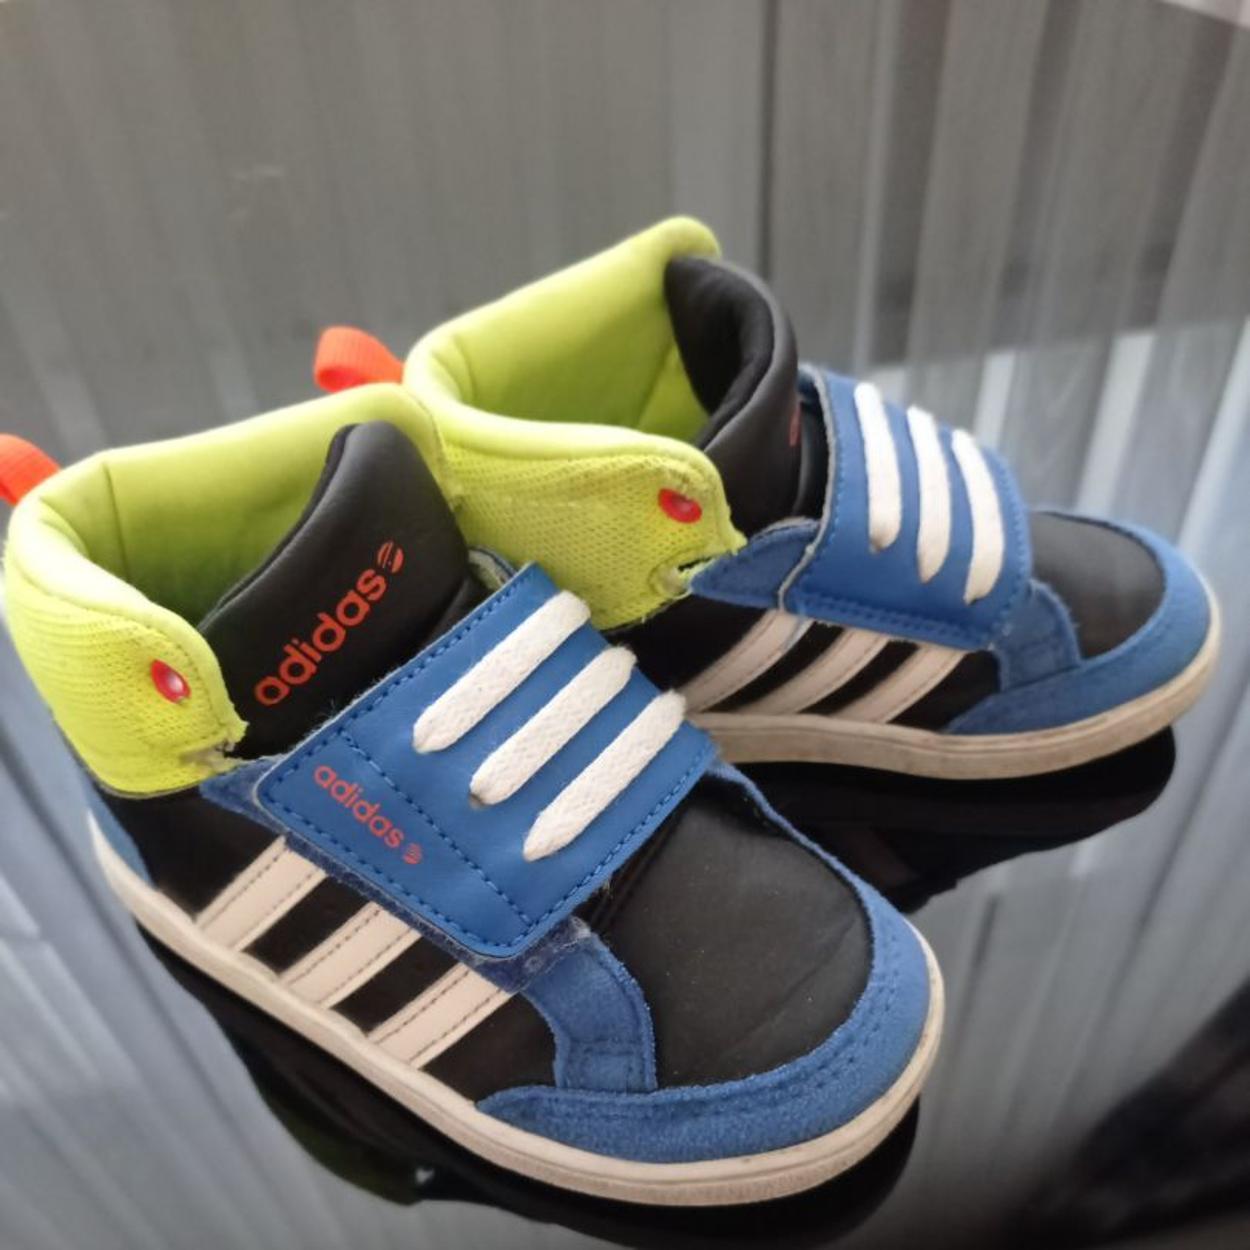 Adidas Günlük & Spor Ayakkabı